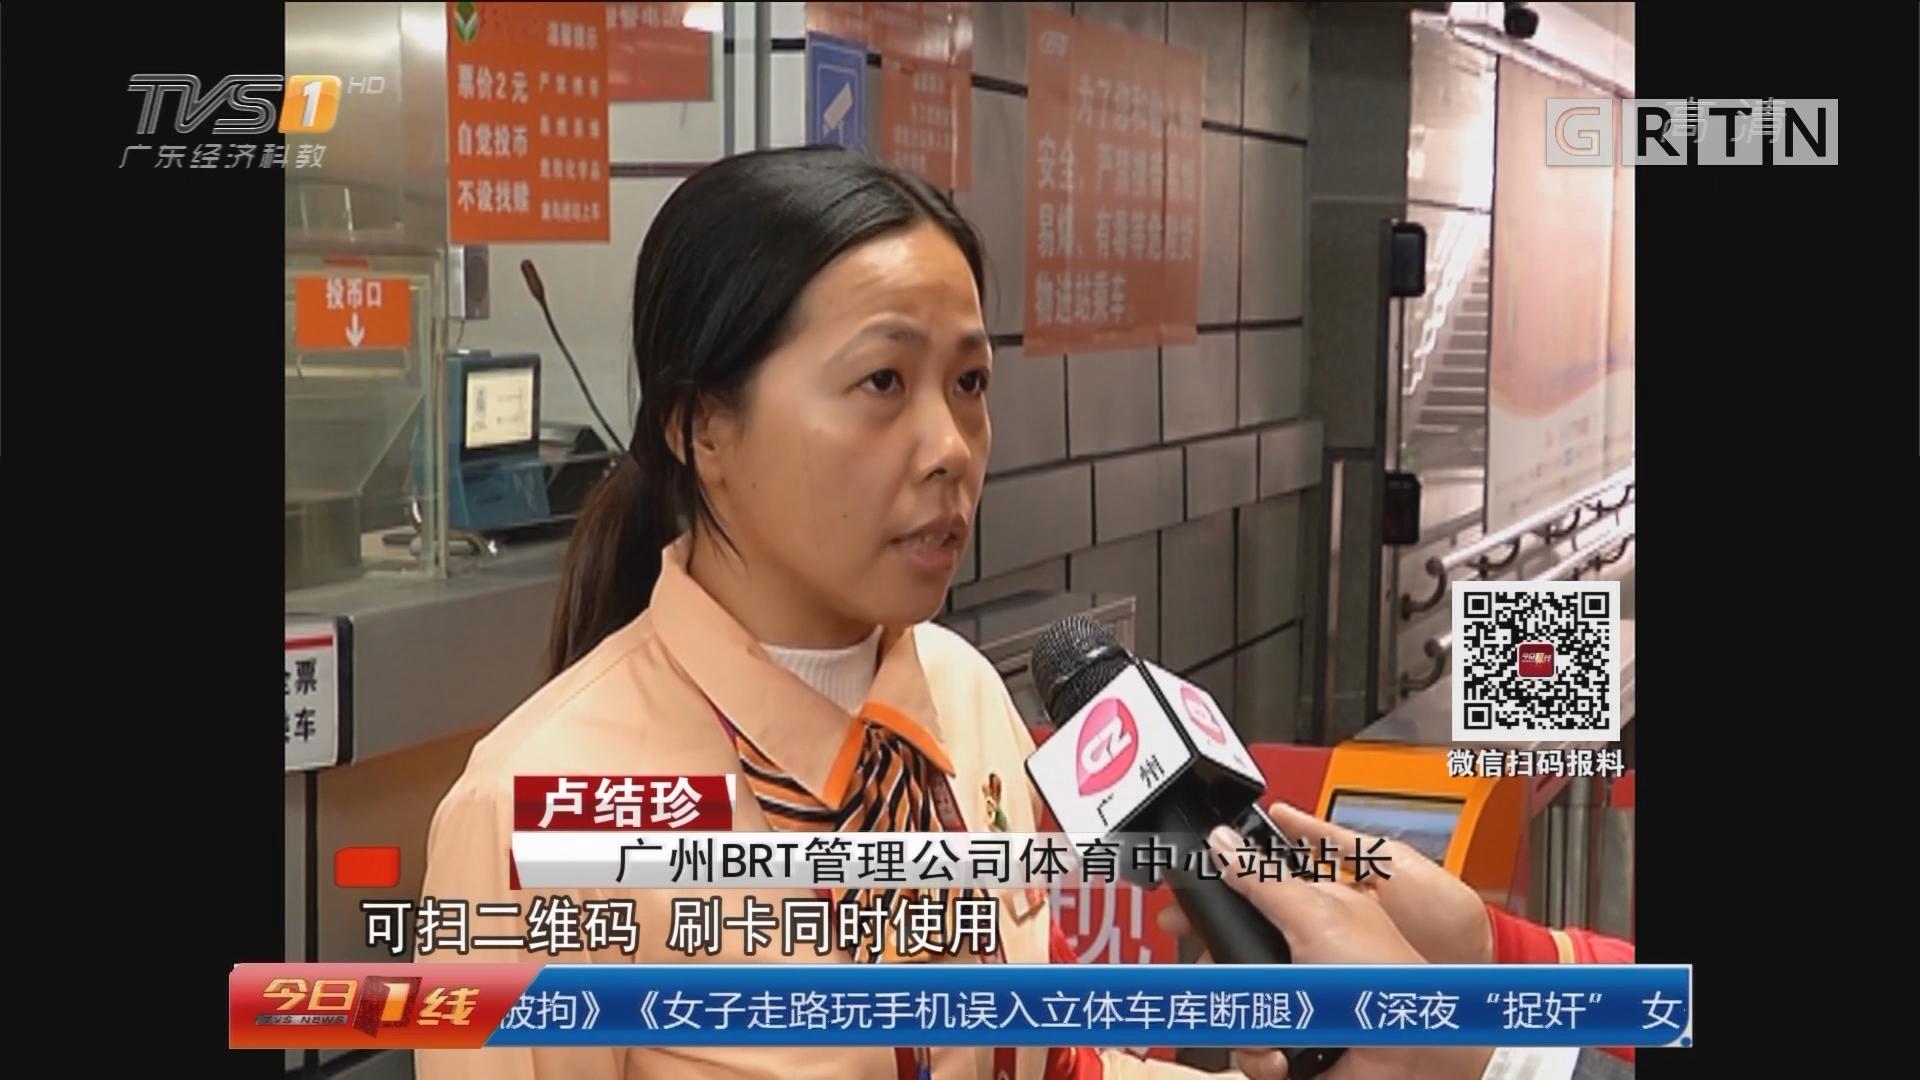 广州《财富》全球论坛:《财富》为媒 巨头与广州签大单